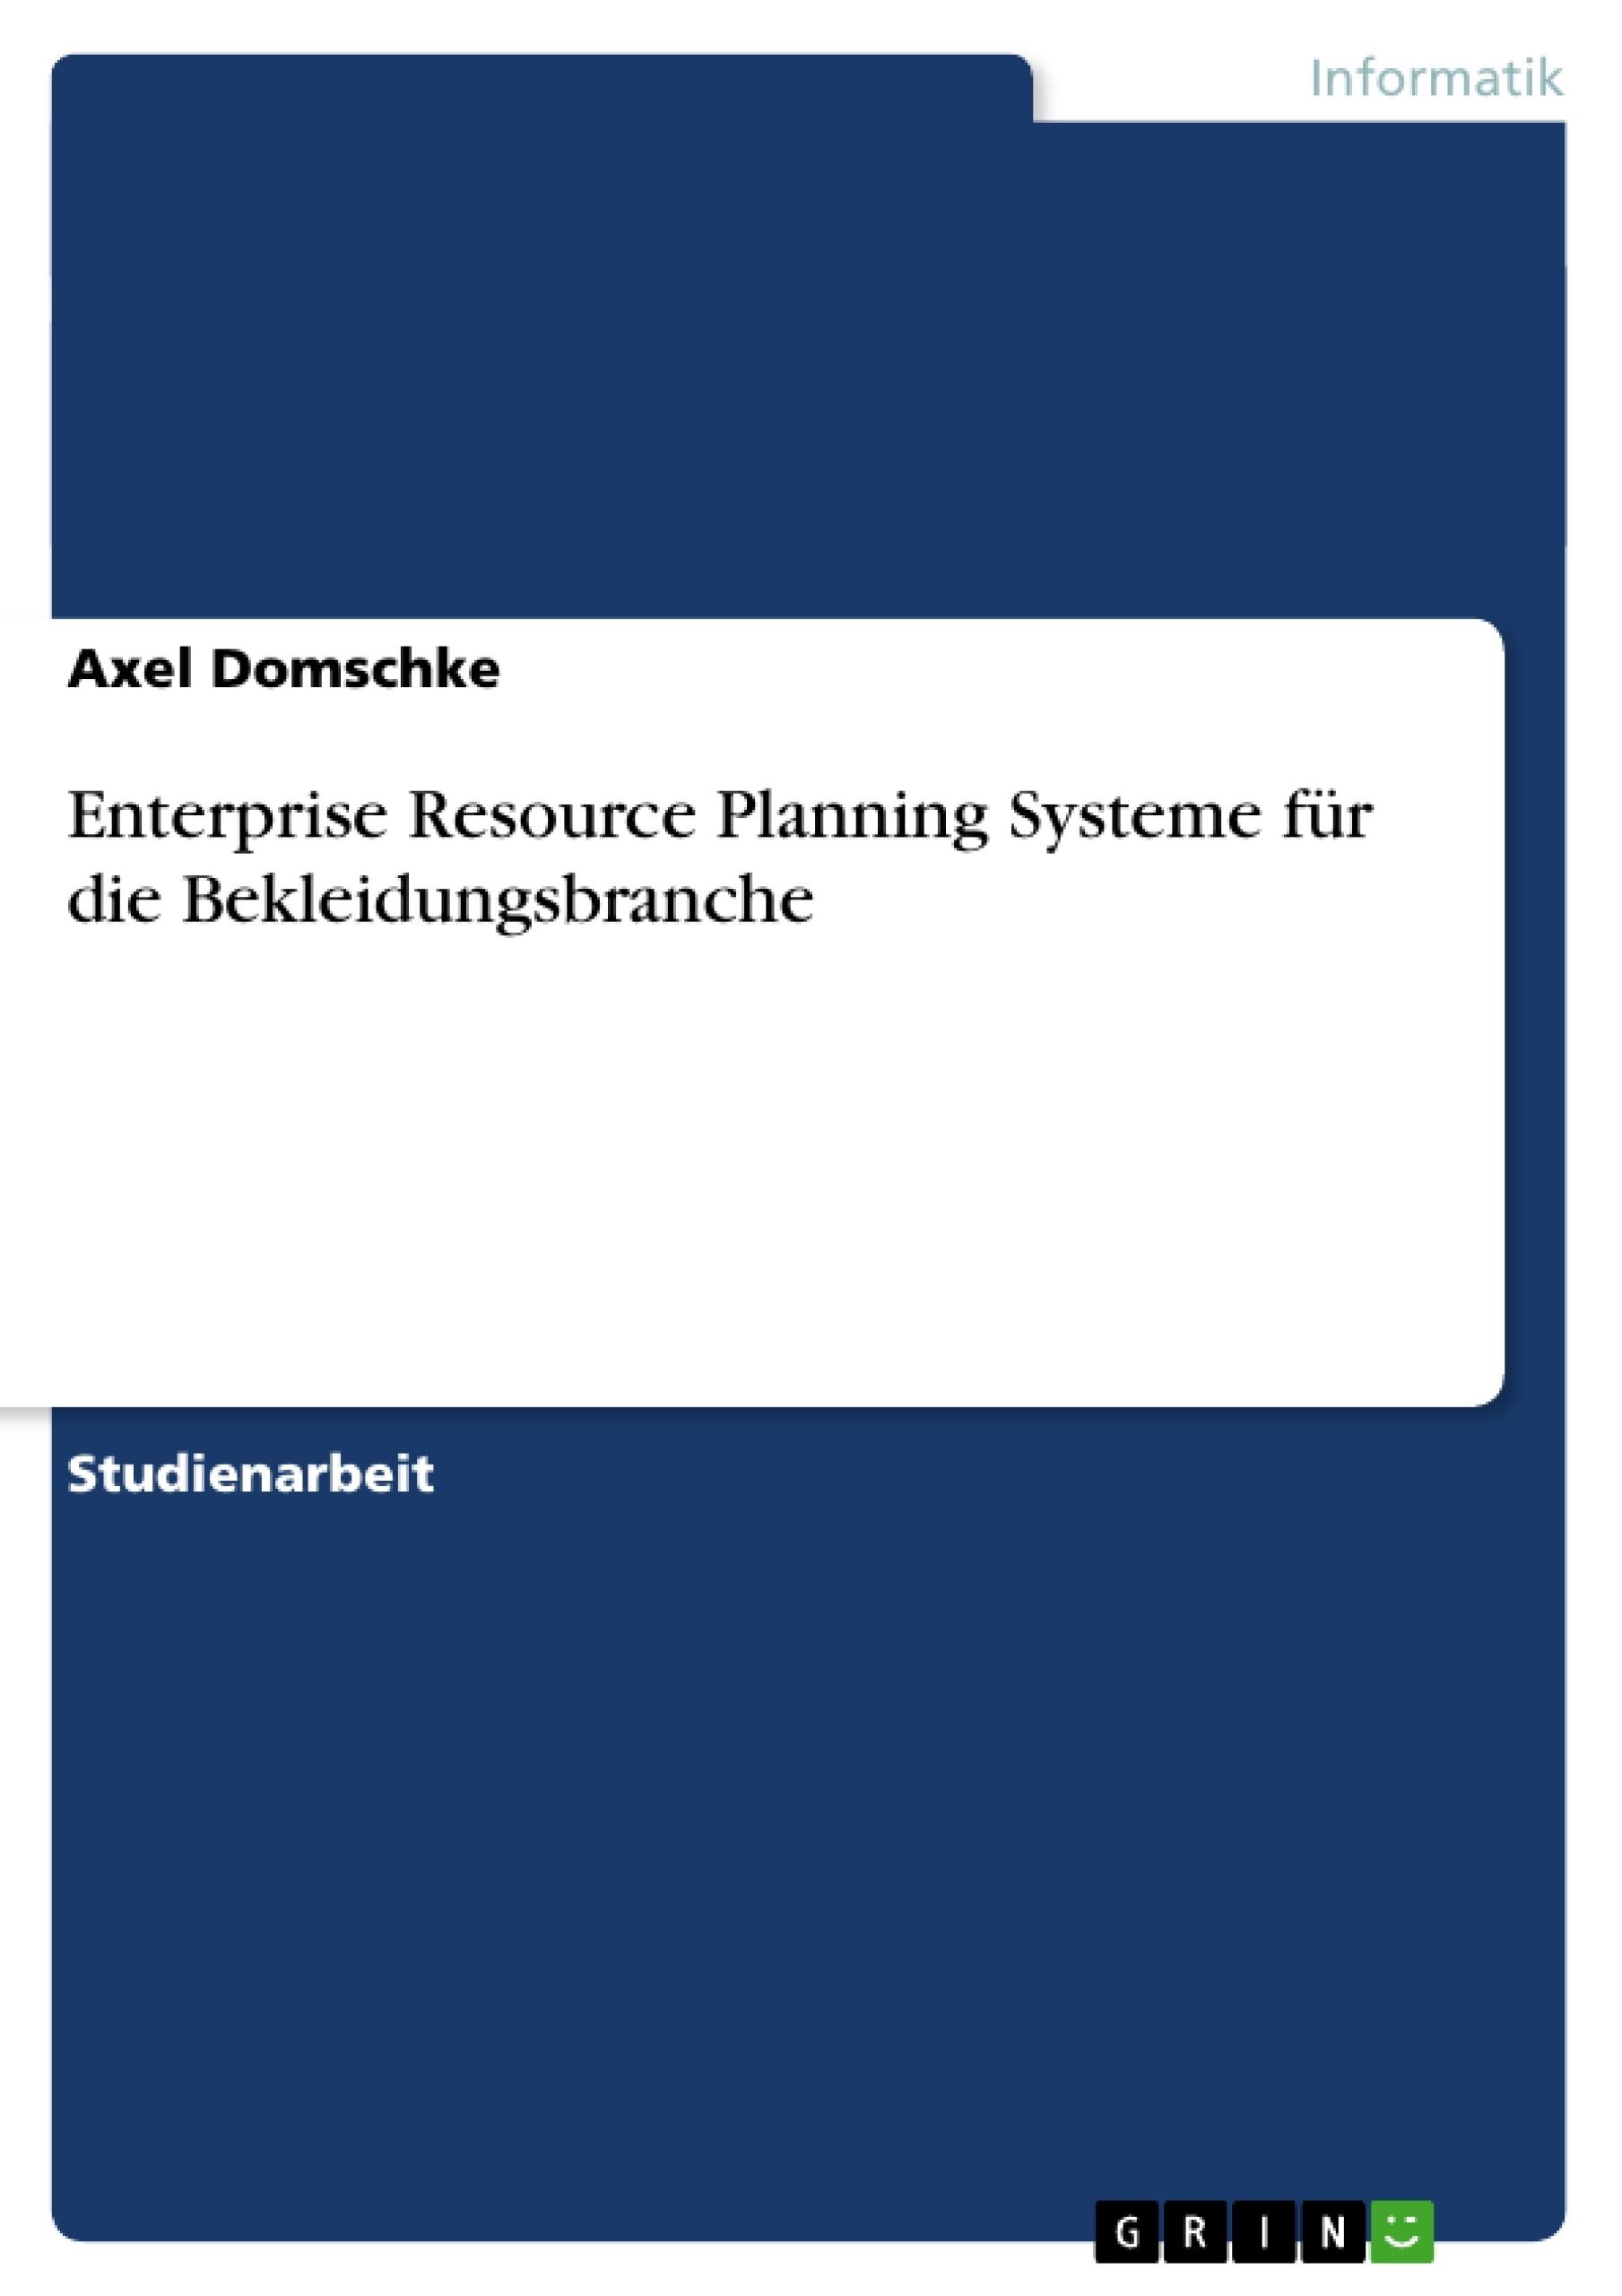 Titel: Enterprise Resource Planning Systeme für die Bekleidungsbranche